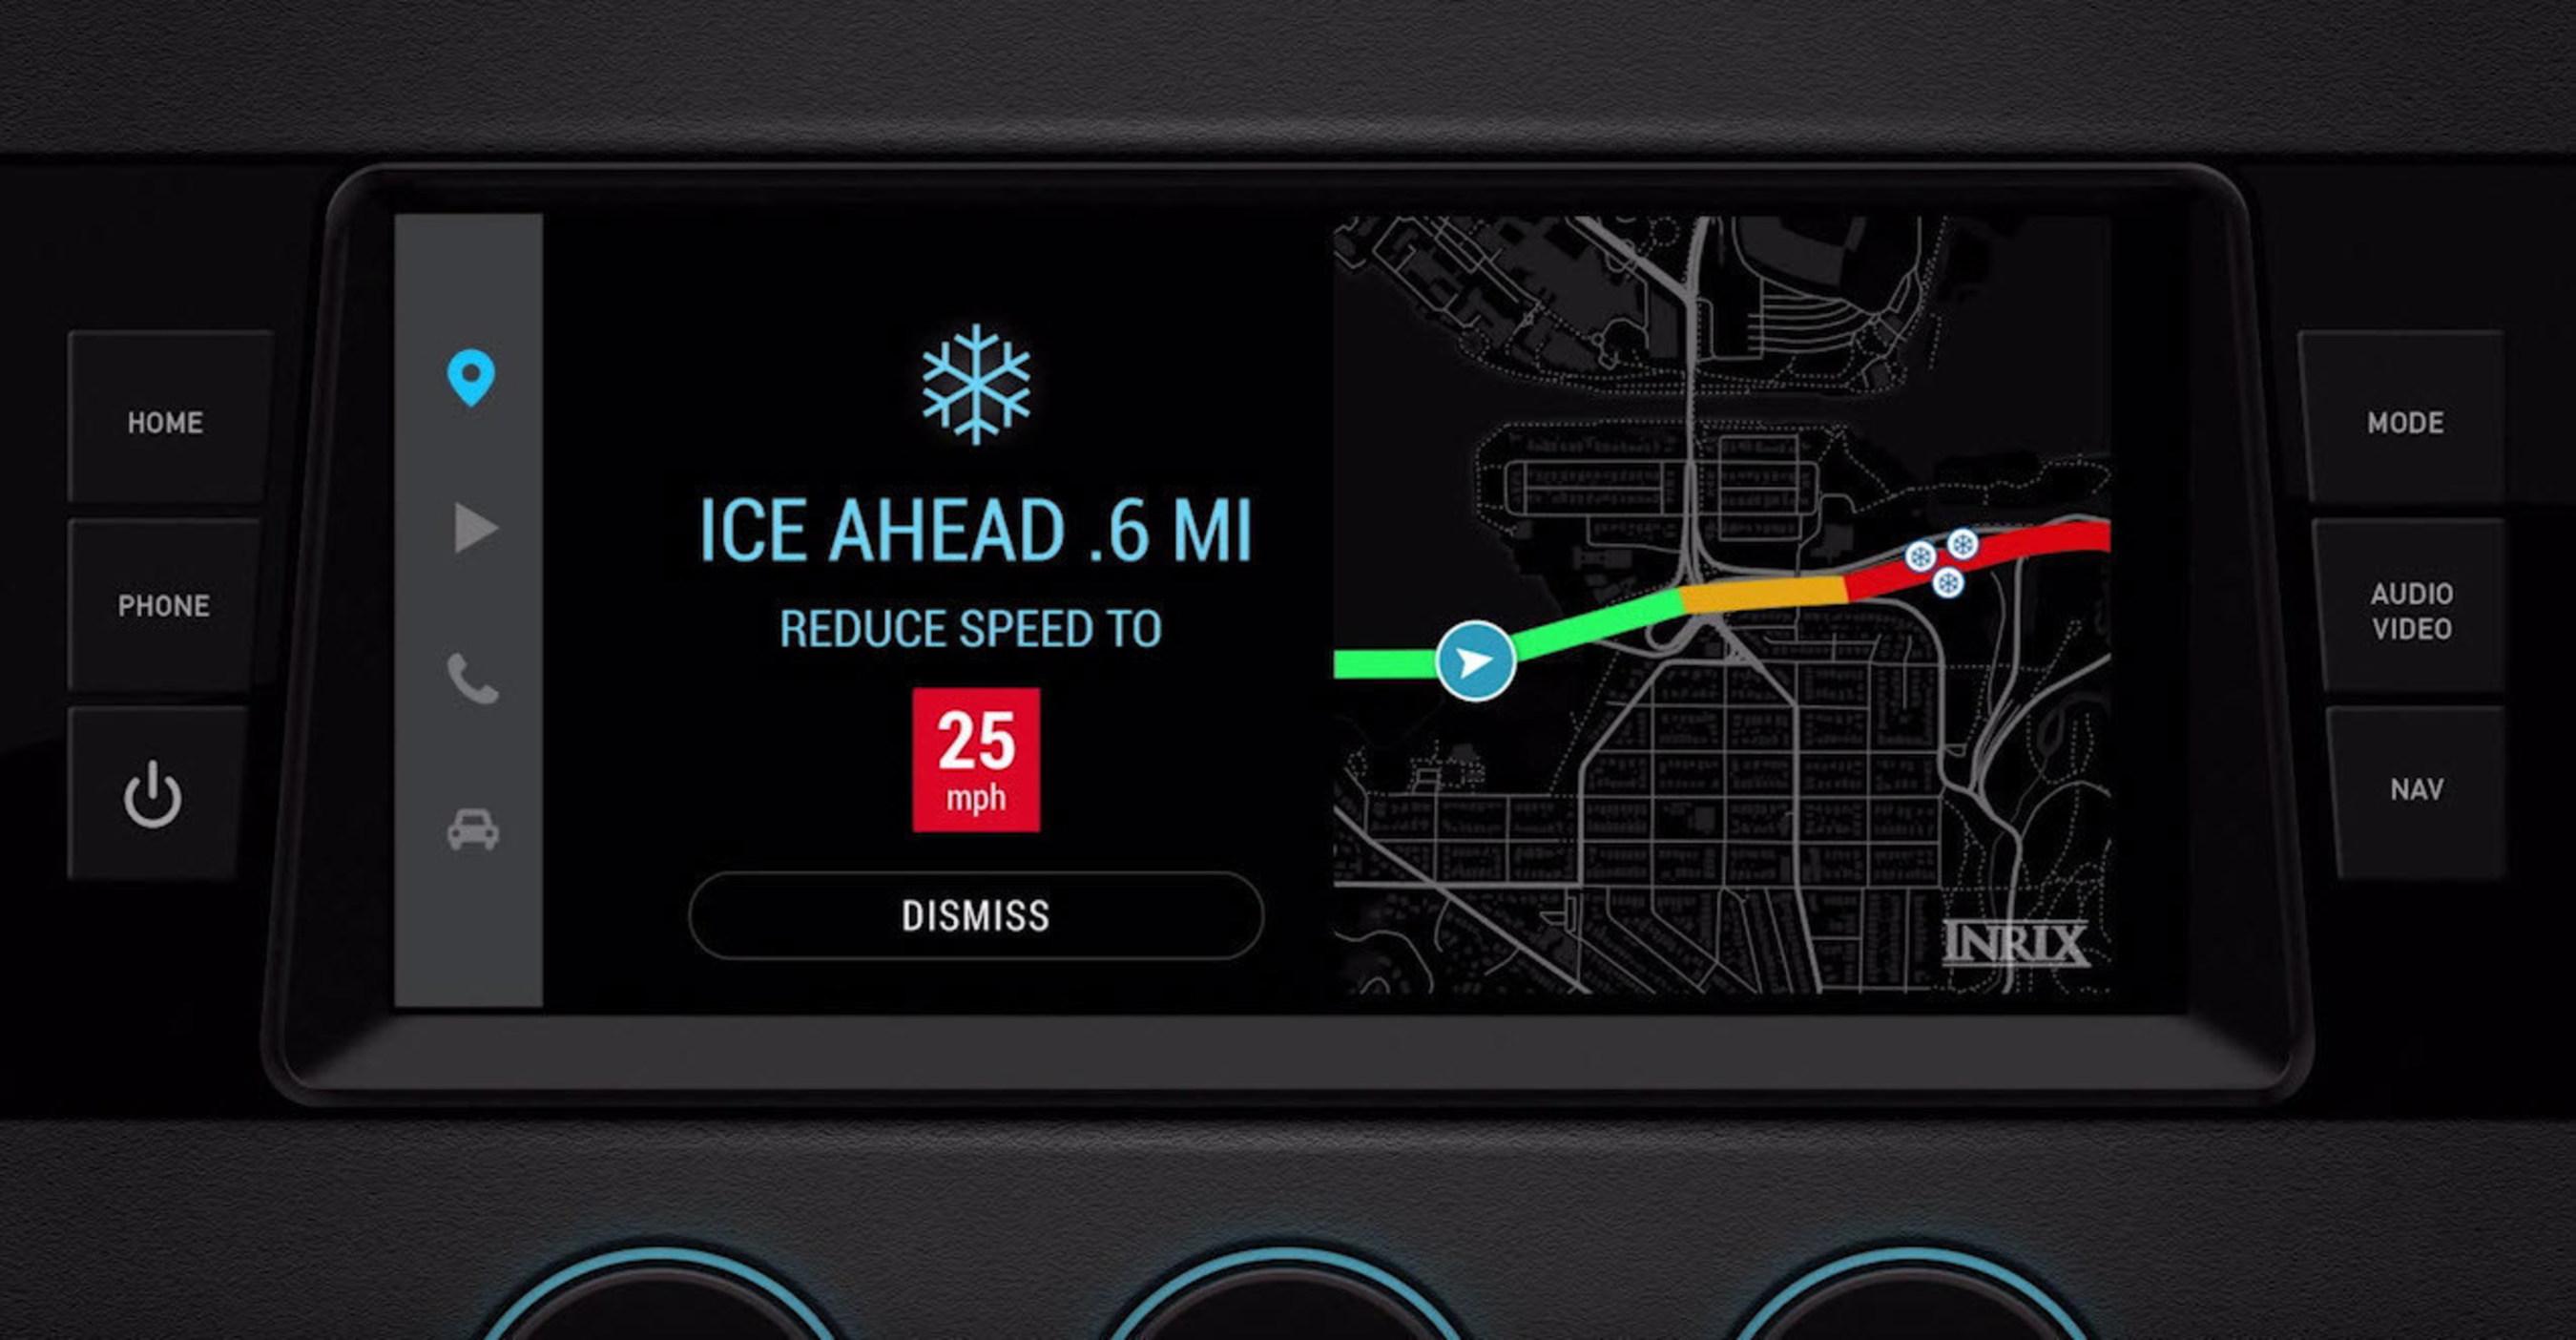 INRIX Road Weather warnt Fahrer vor gefährlichen Straßenverhältnissen